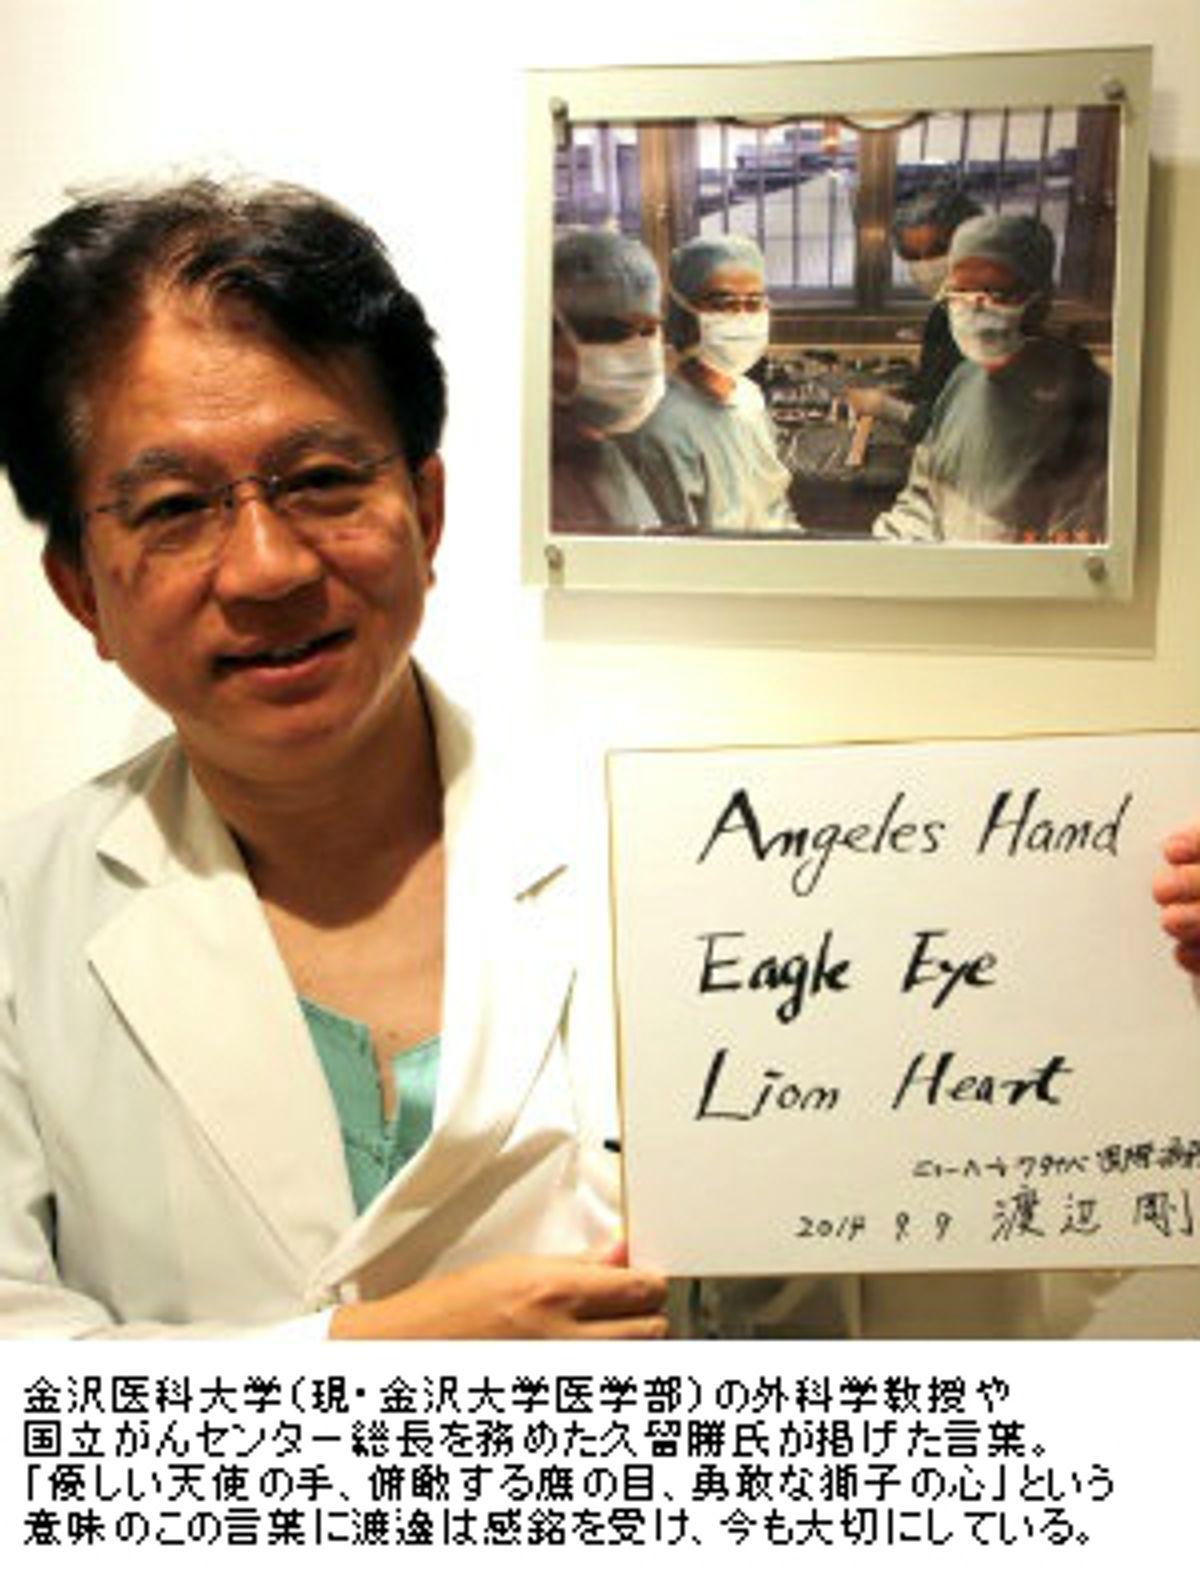 座右の銘は「Angel's Hand, Eagle Eye, Lion Heart」